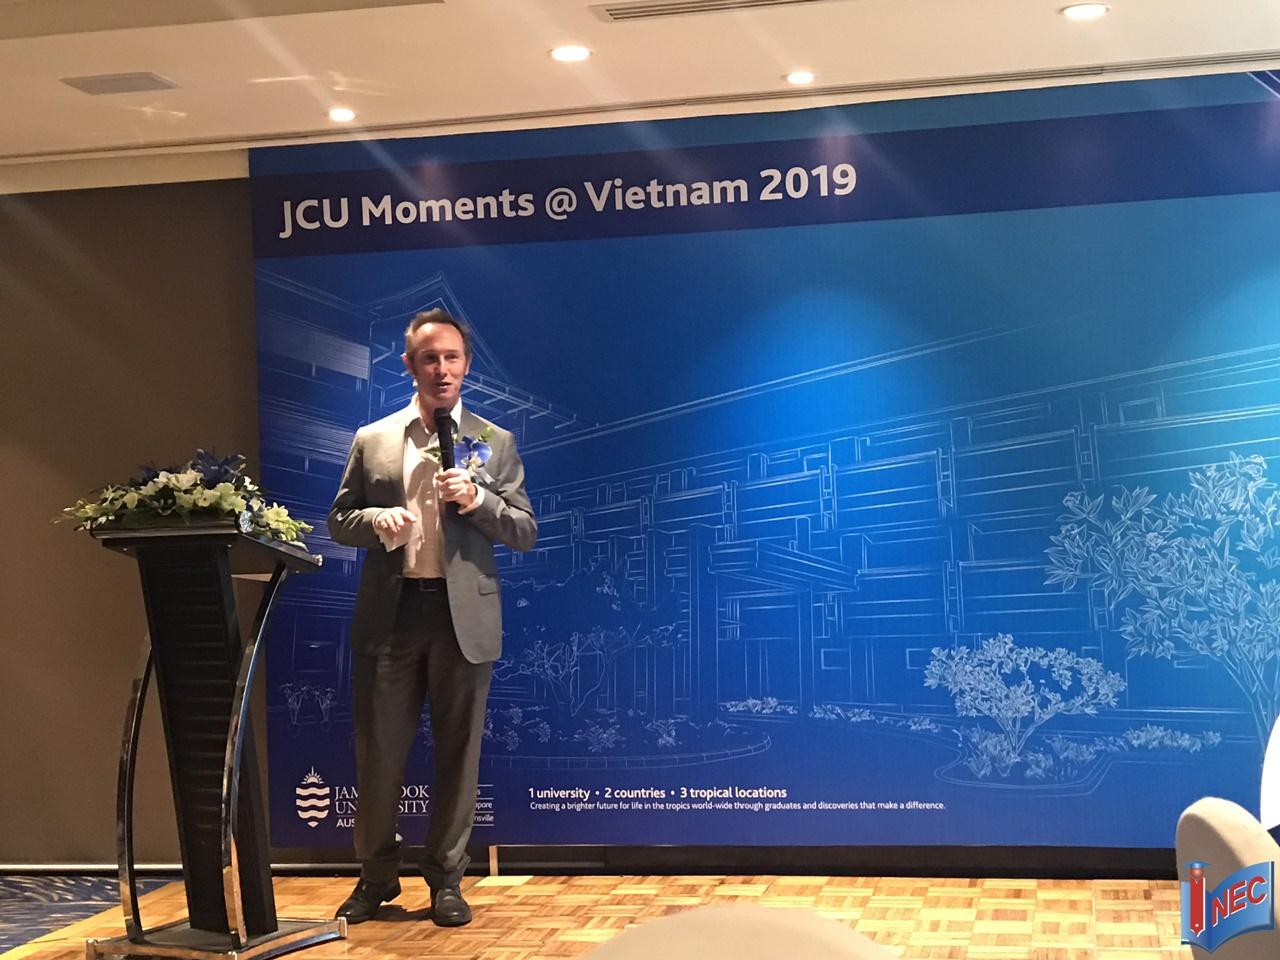 Tiệc alumni JCUS 2019